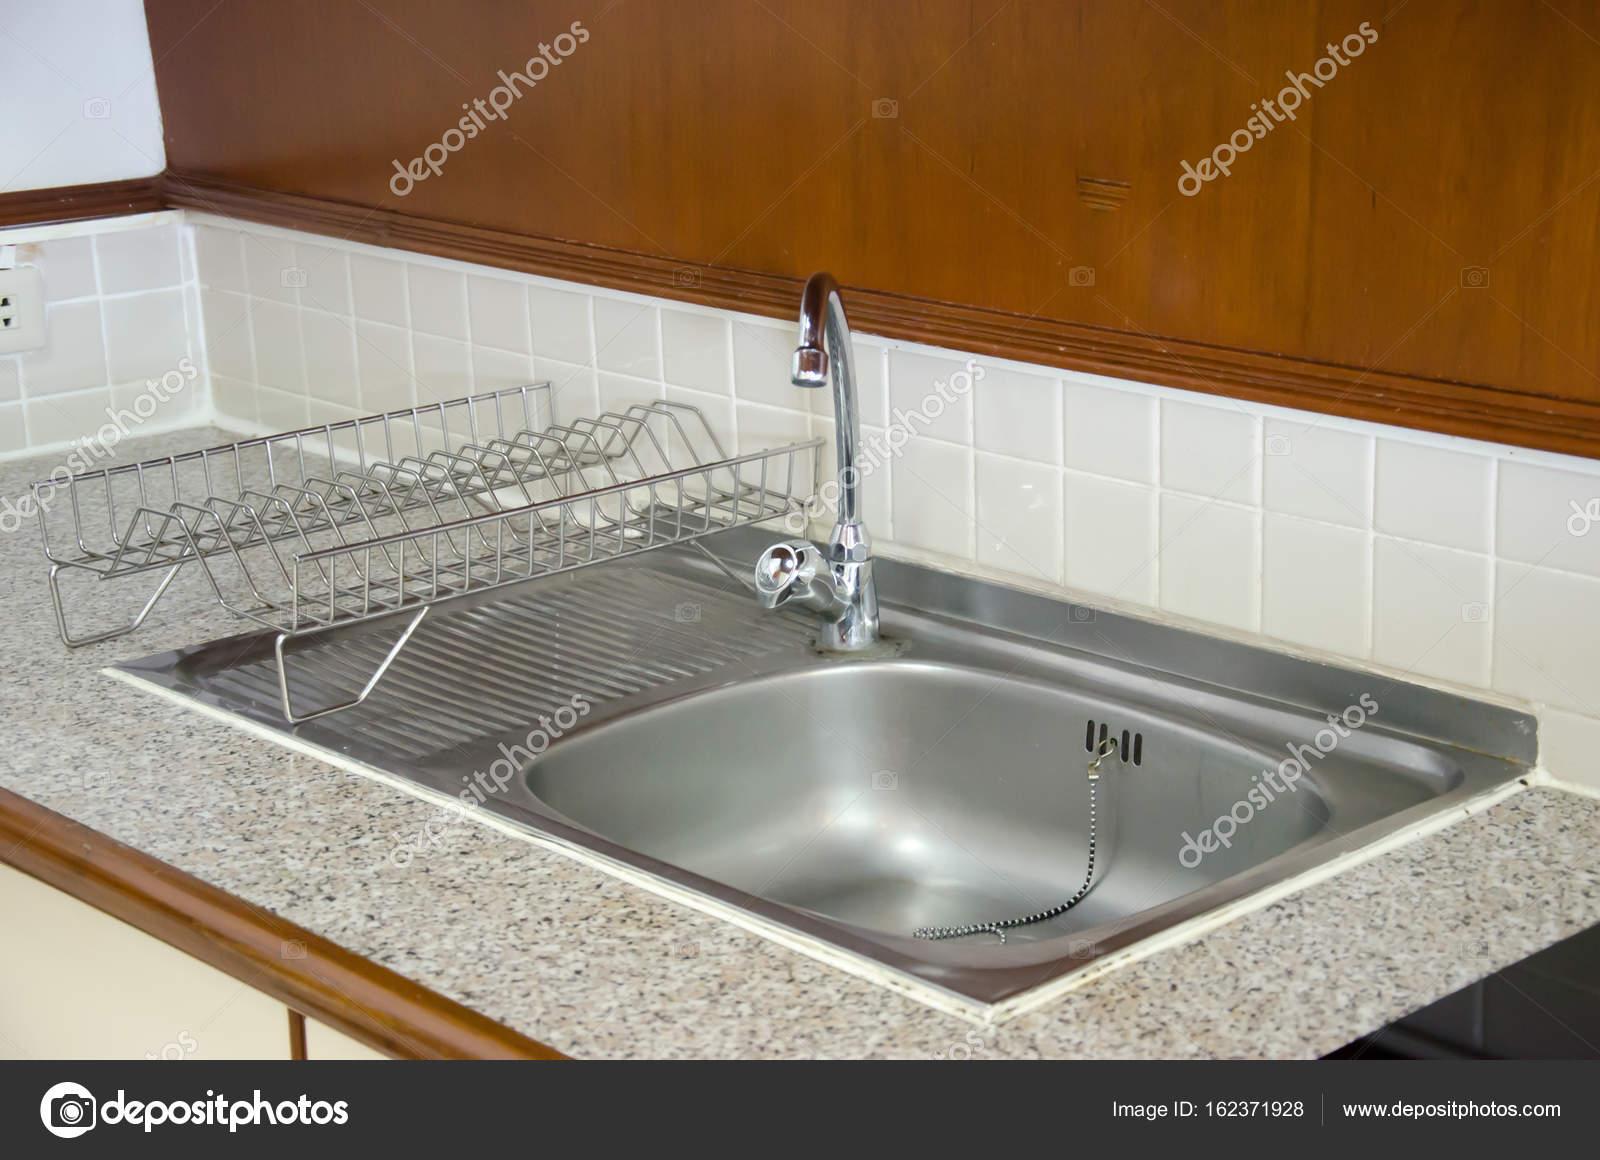 Spüle Küche waschen — Stockfoto © aoo8449 #162371928